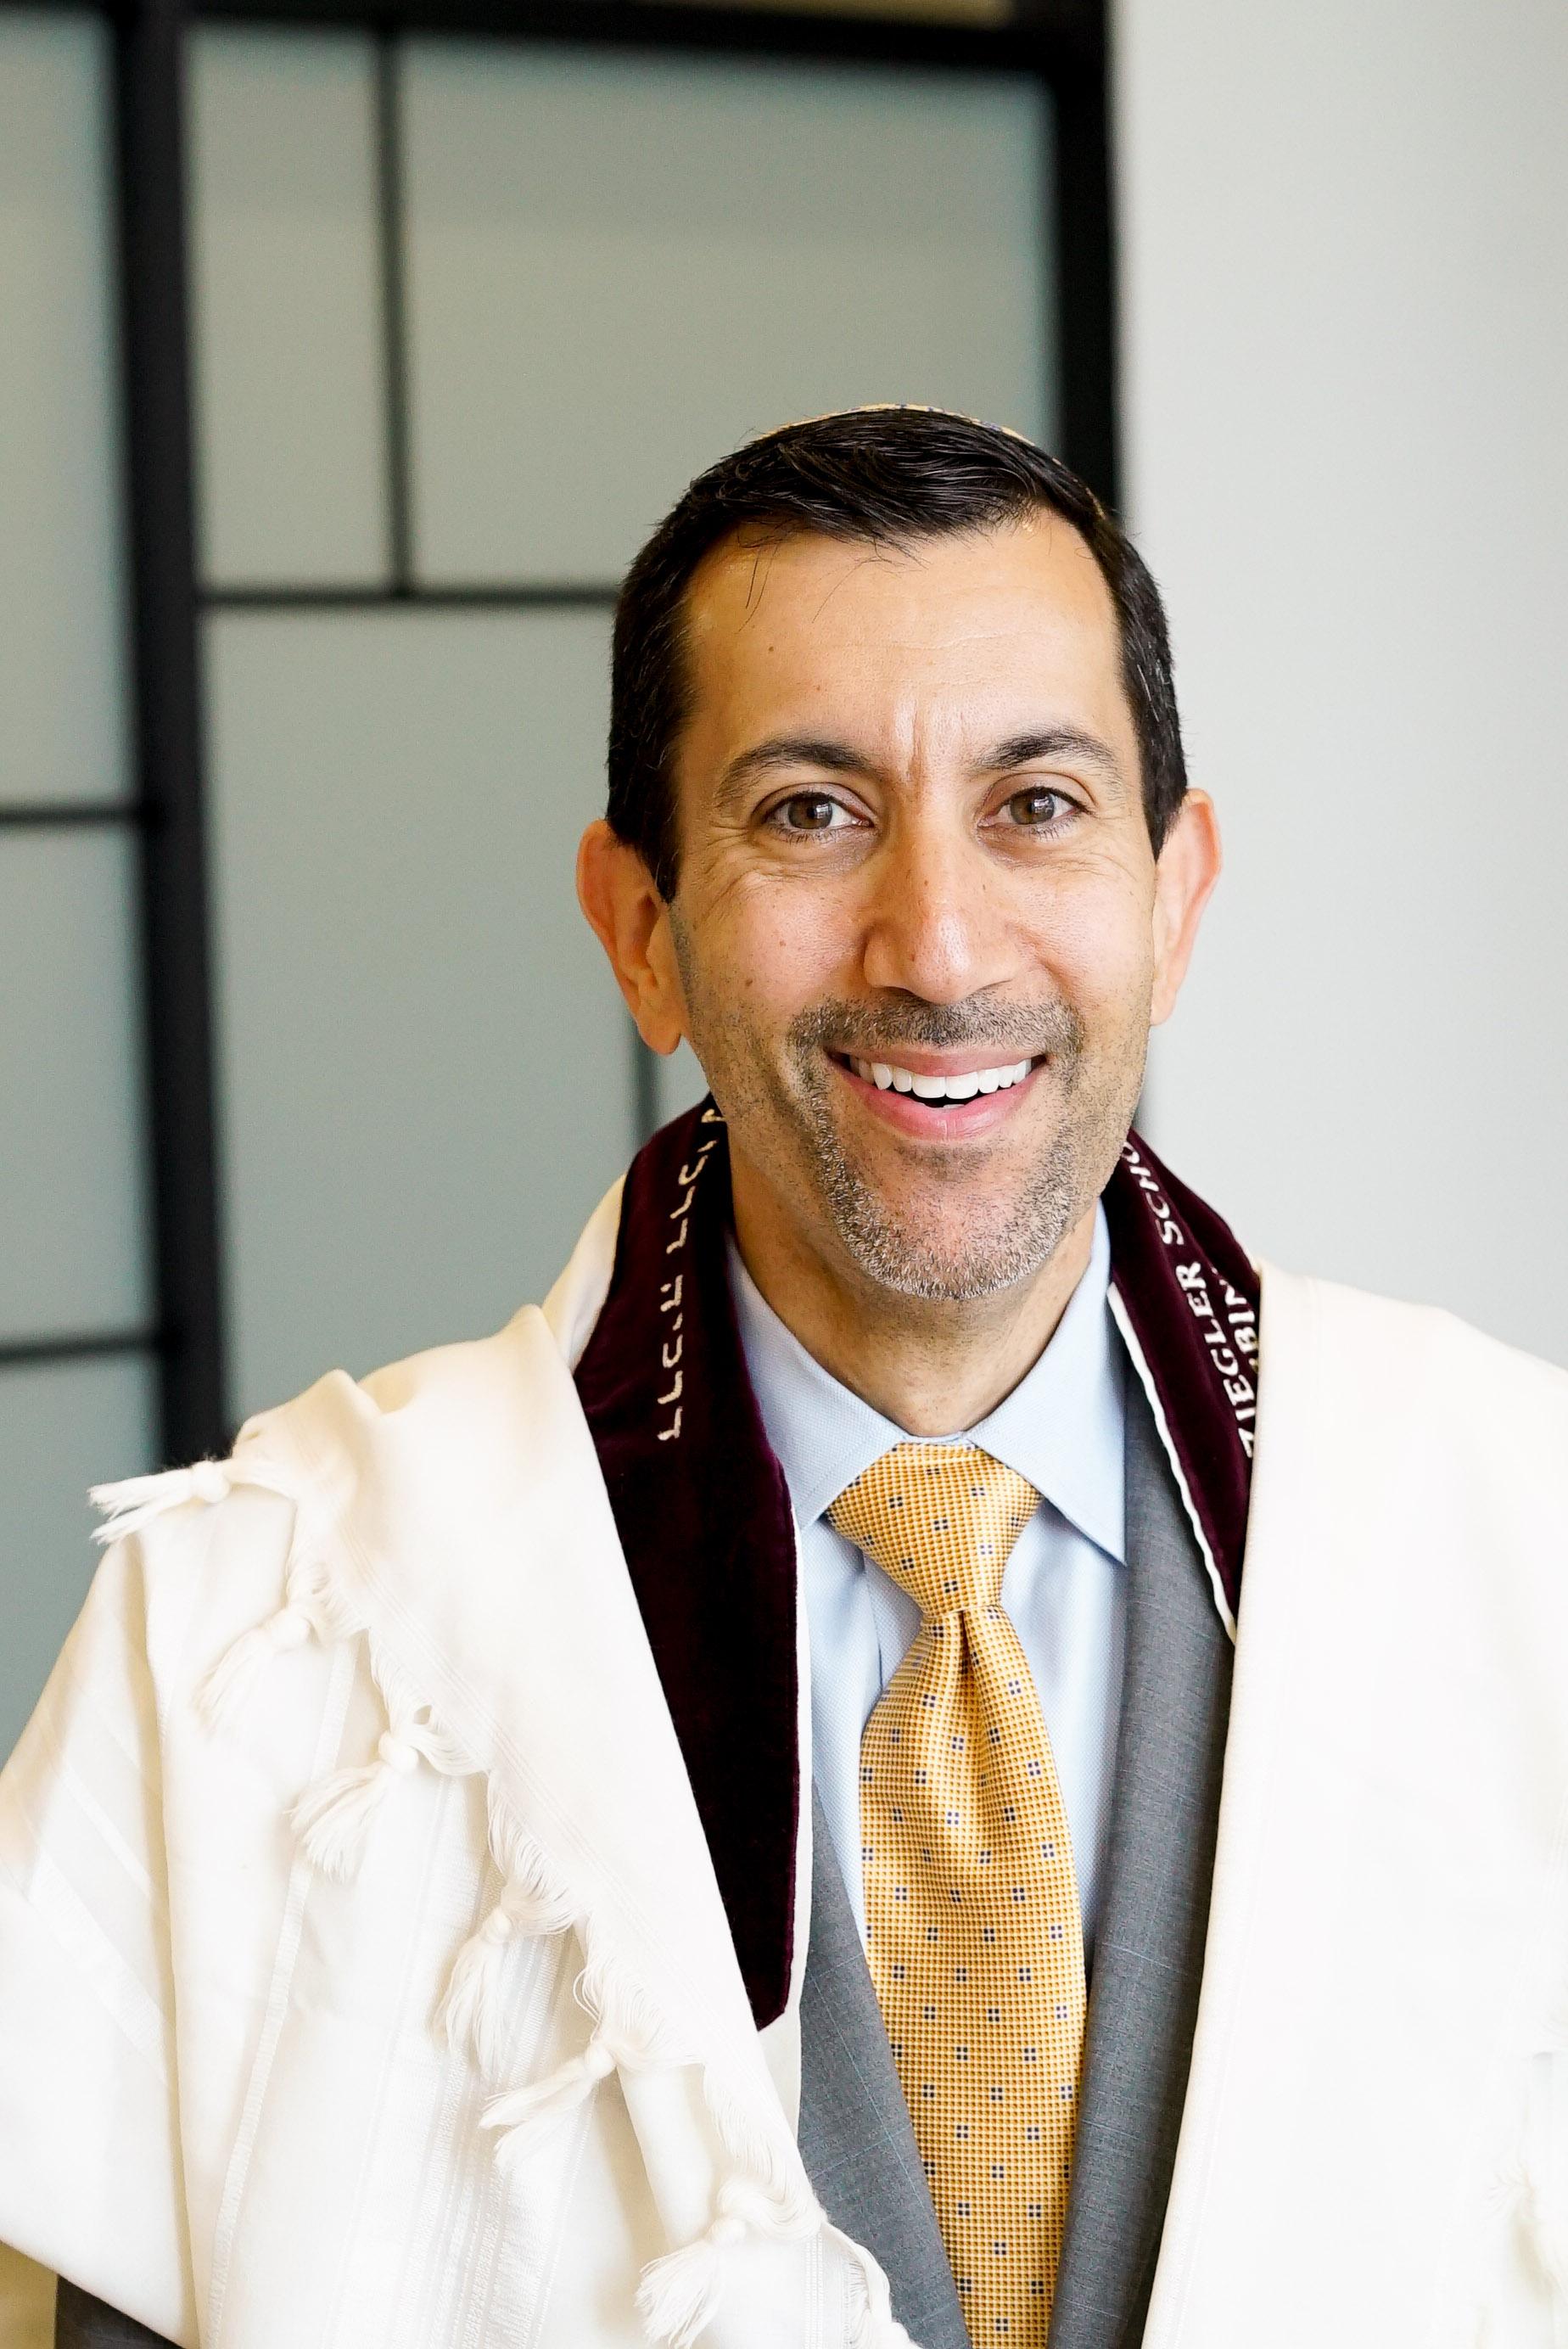 Congregation Tikvat Jacob - an egalitarian Jewish synagogue